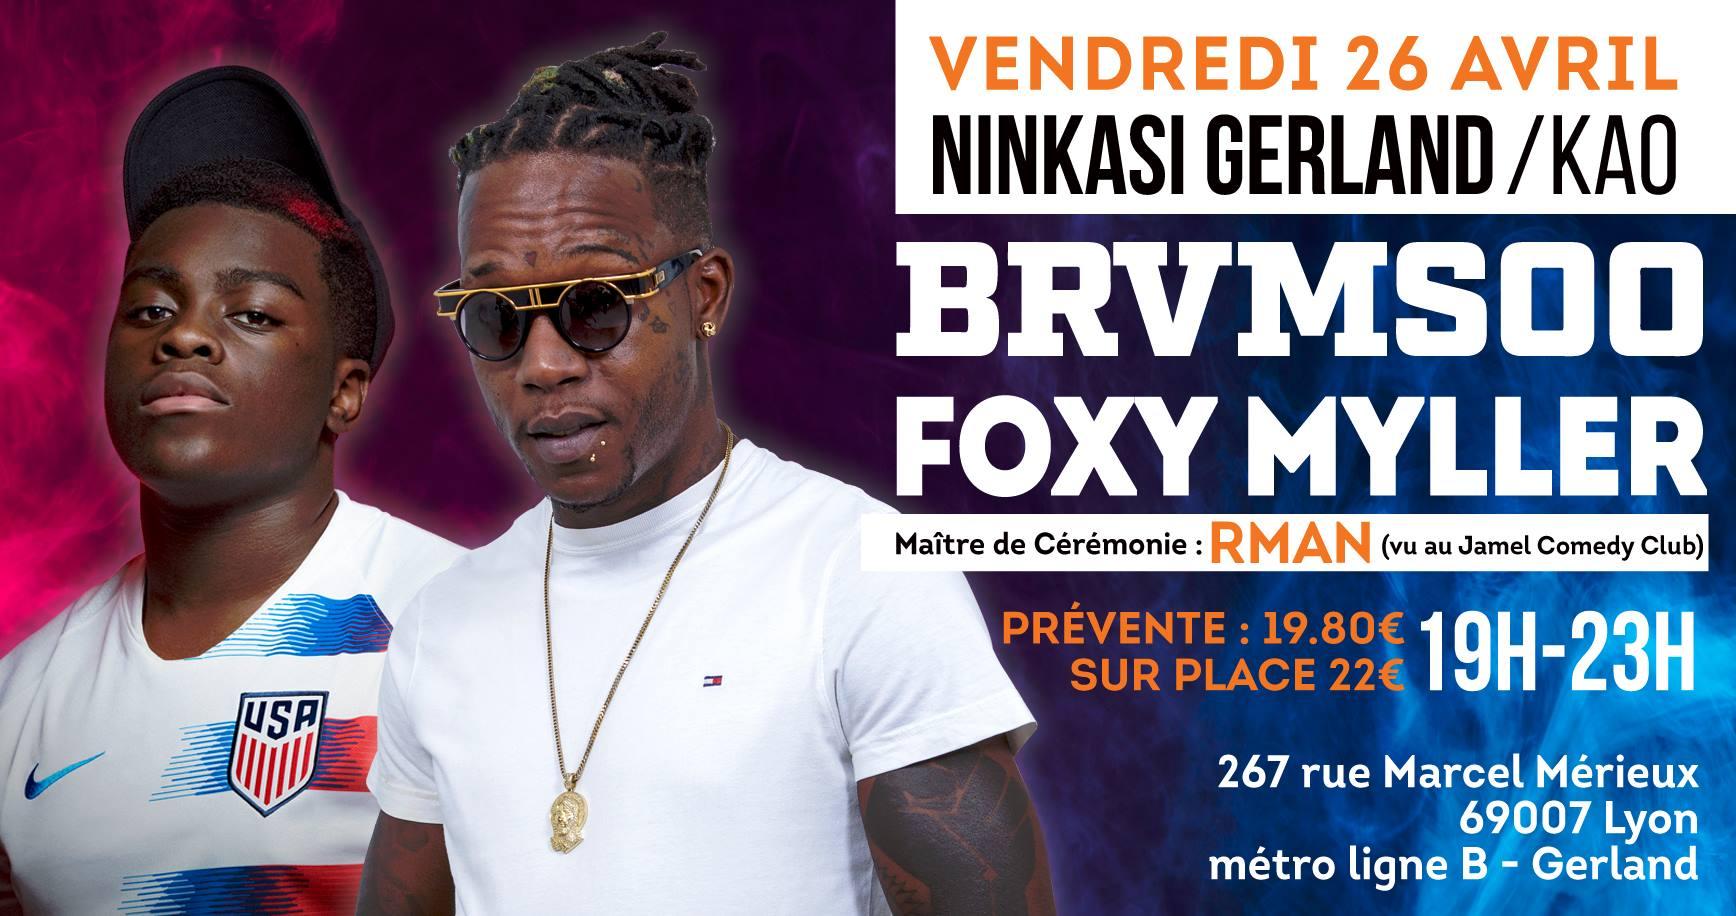 Brvmsoo-Foxy-Myller